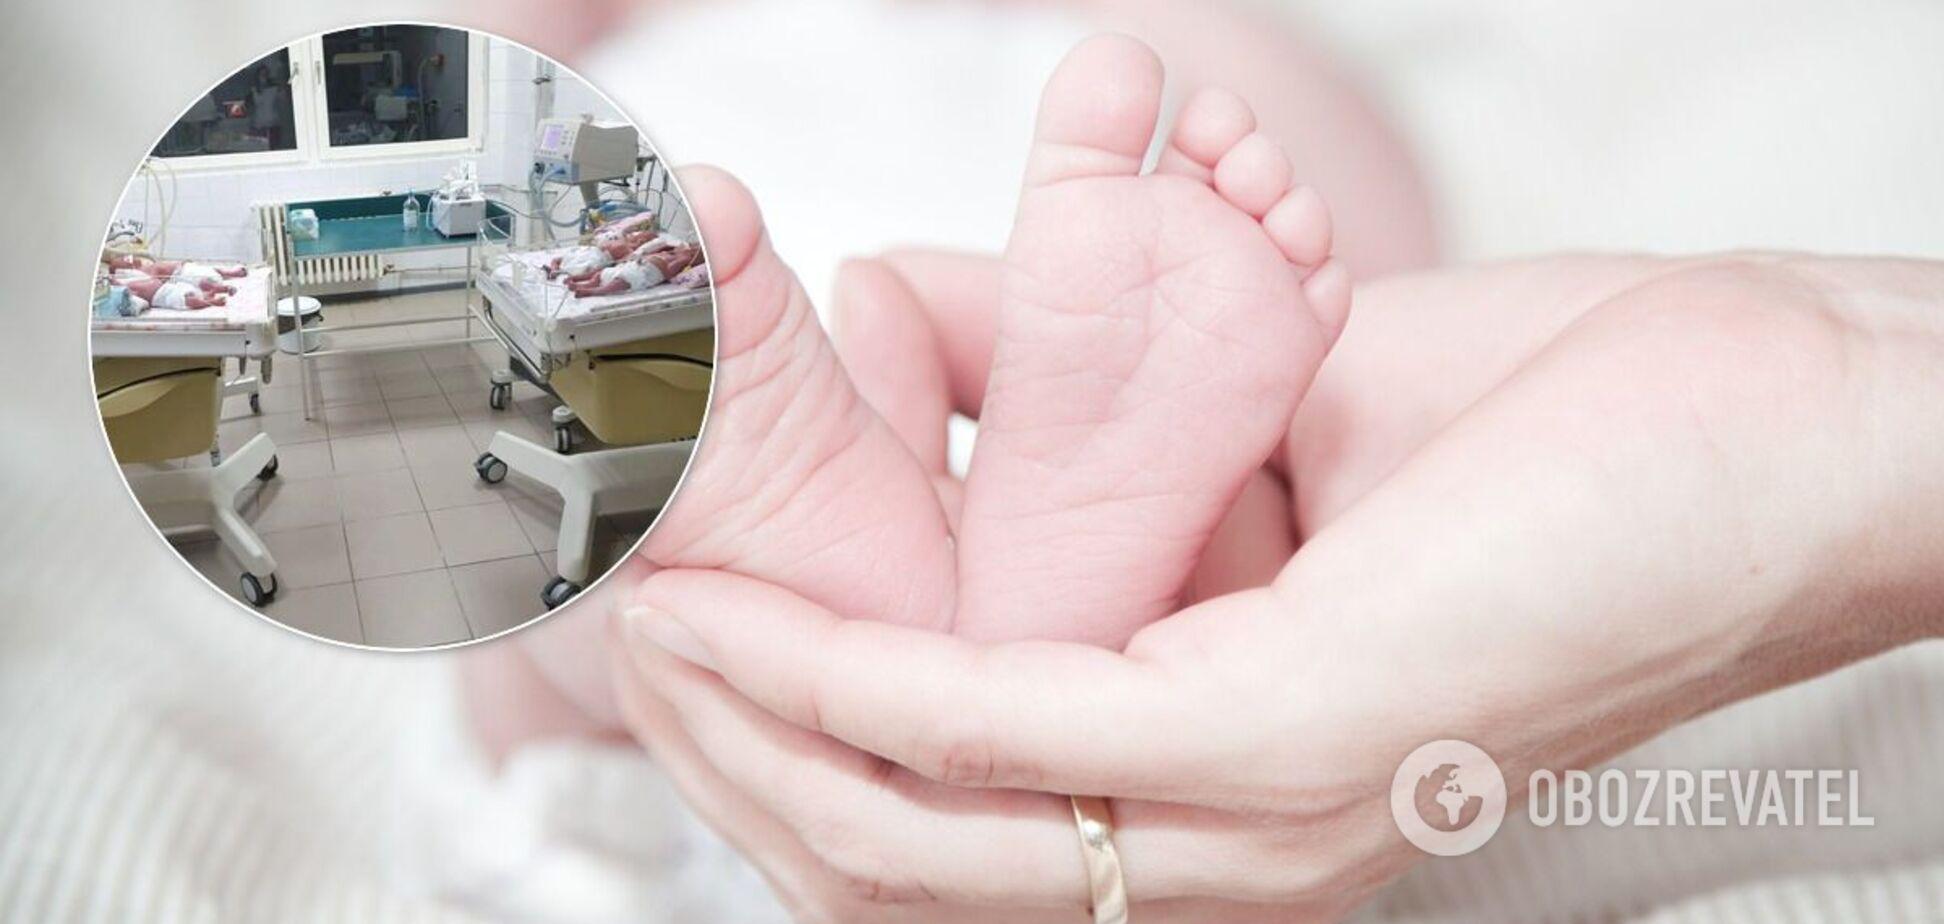 20-річна українка народила четвірню в Ужгороді після унікальної операції. Фото